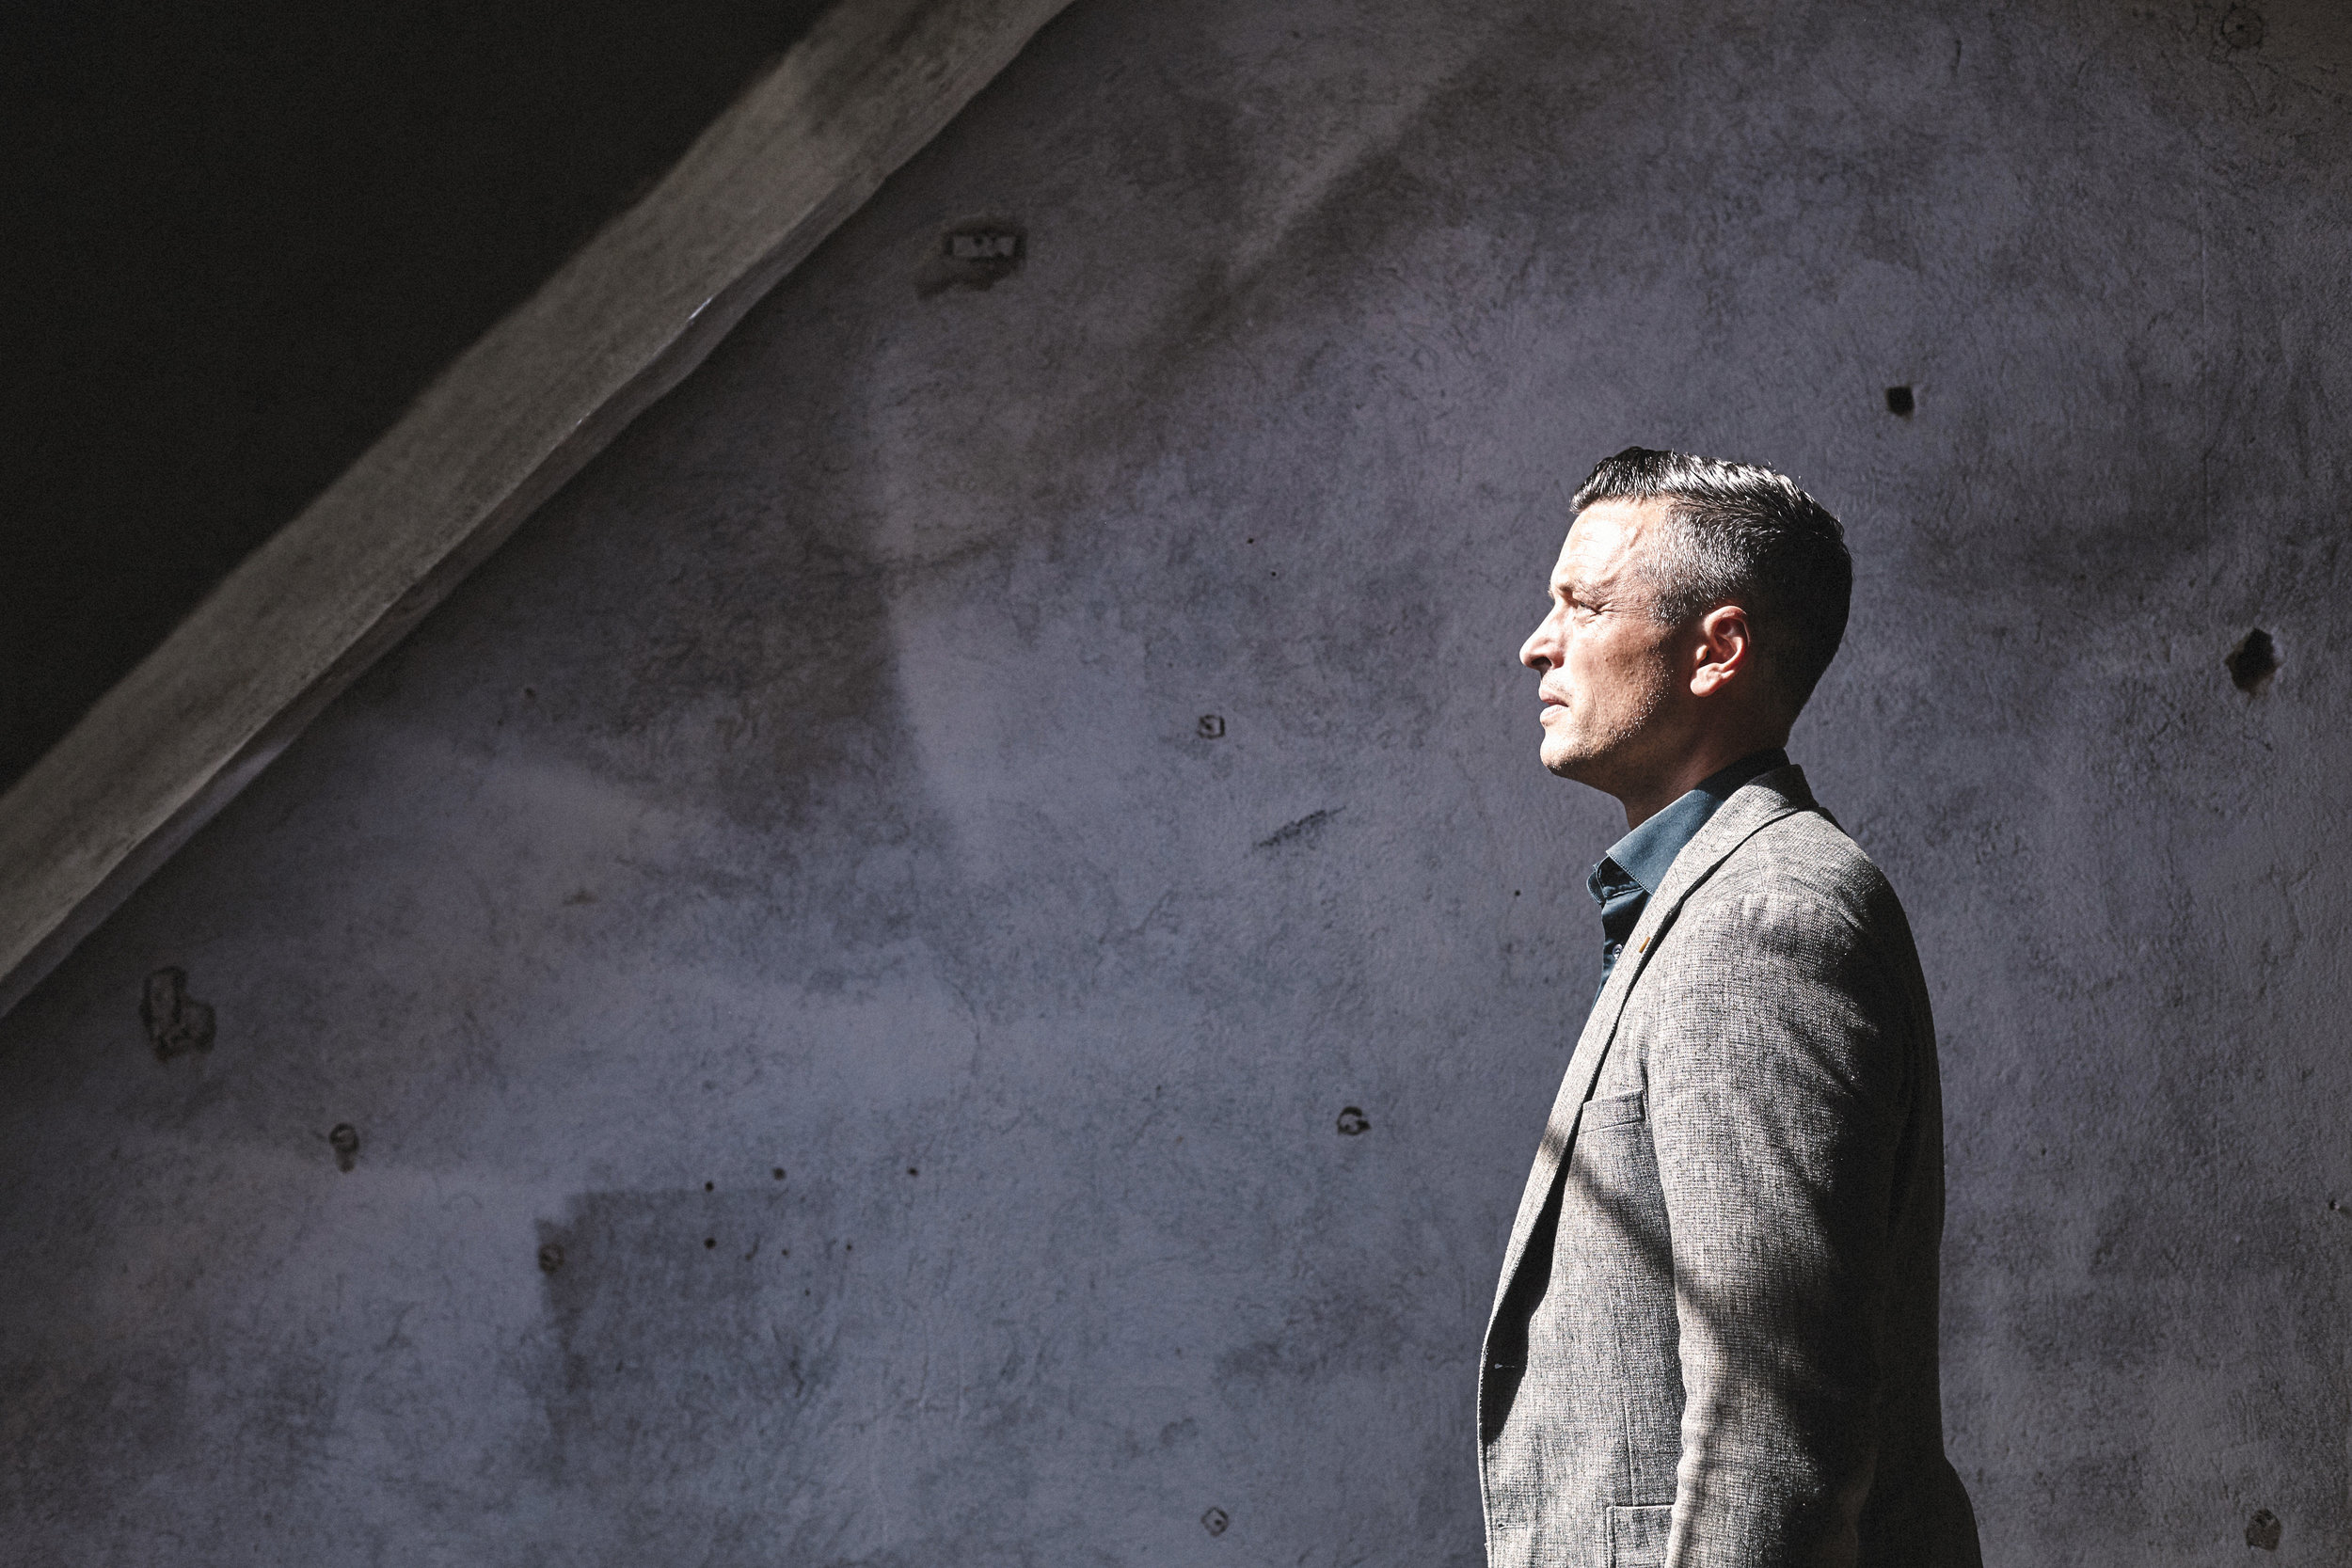 Wilhelm Hartwig er en visjonær leder og vet hva det innebærer å leve ut merkevaren.  Foto: Magne Risnes